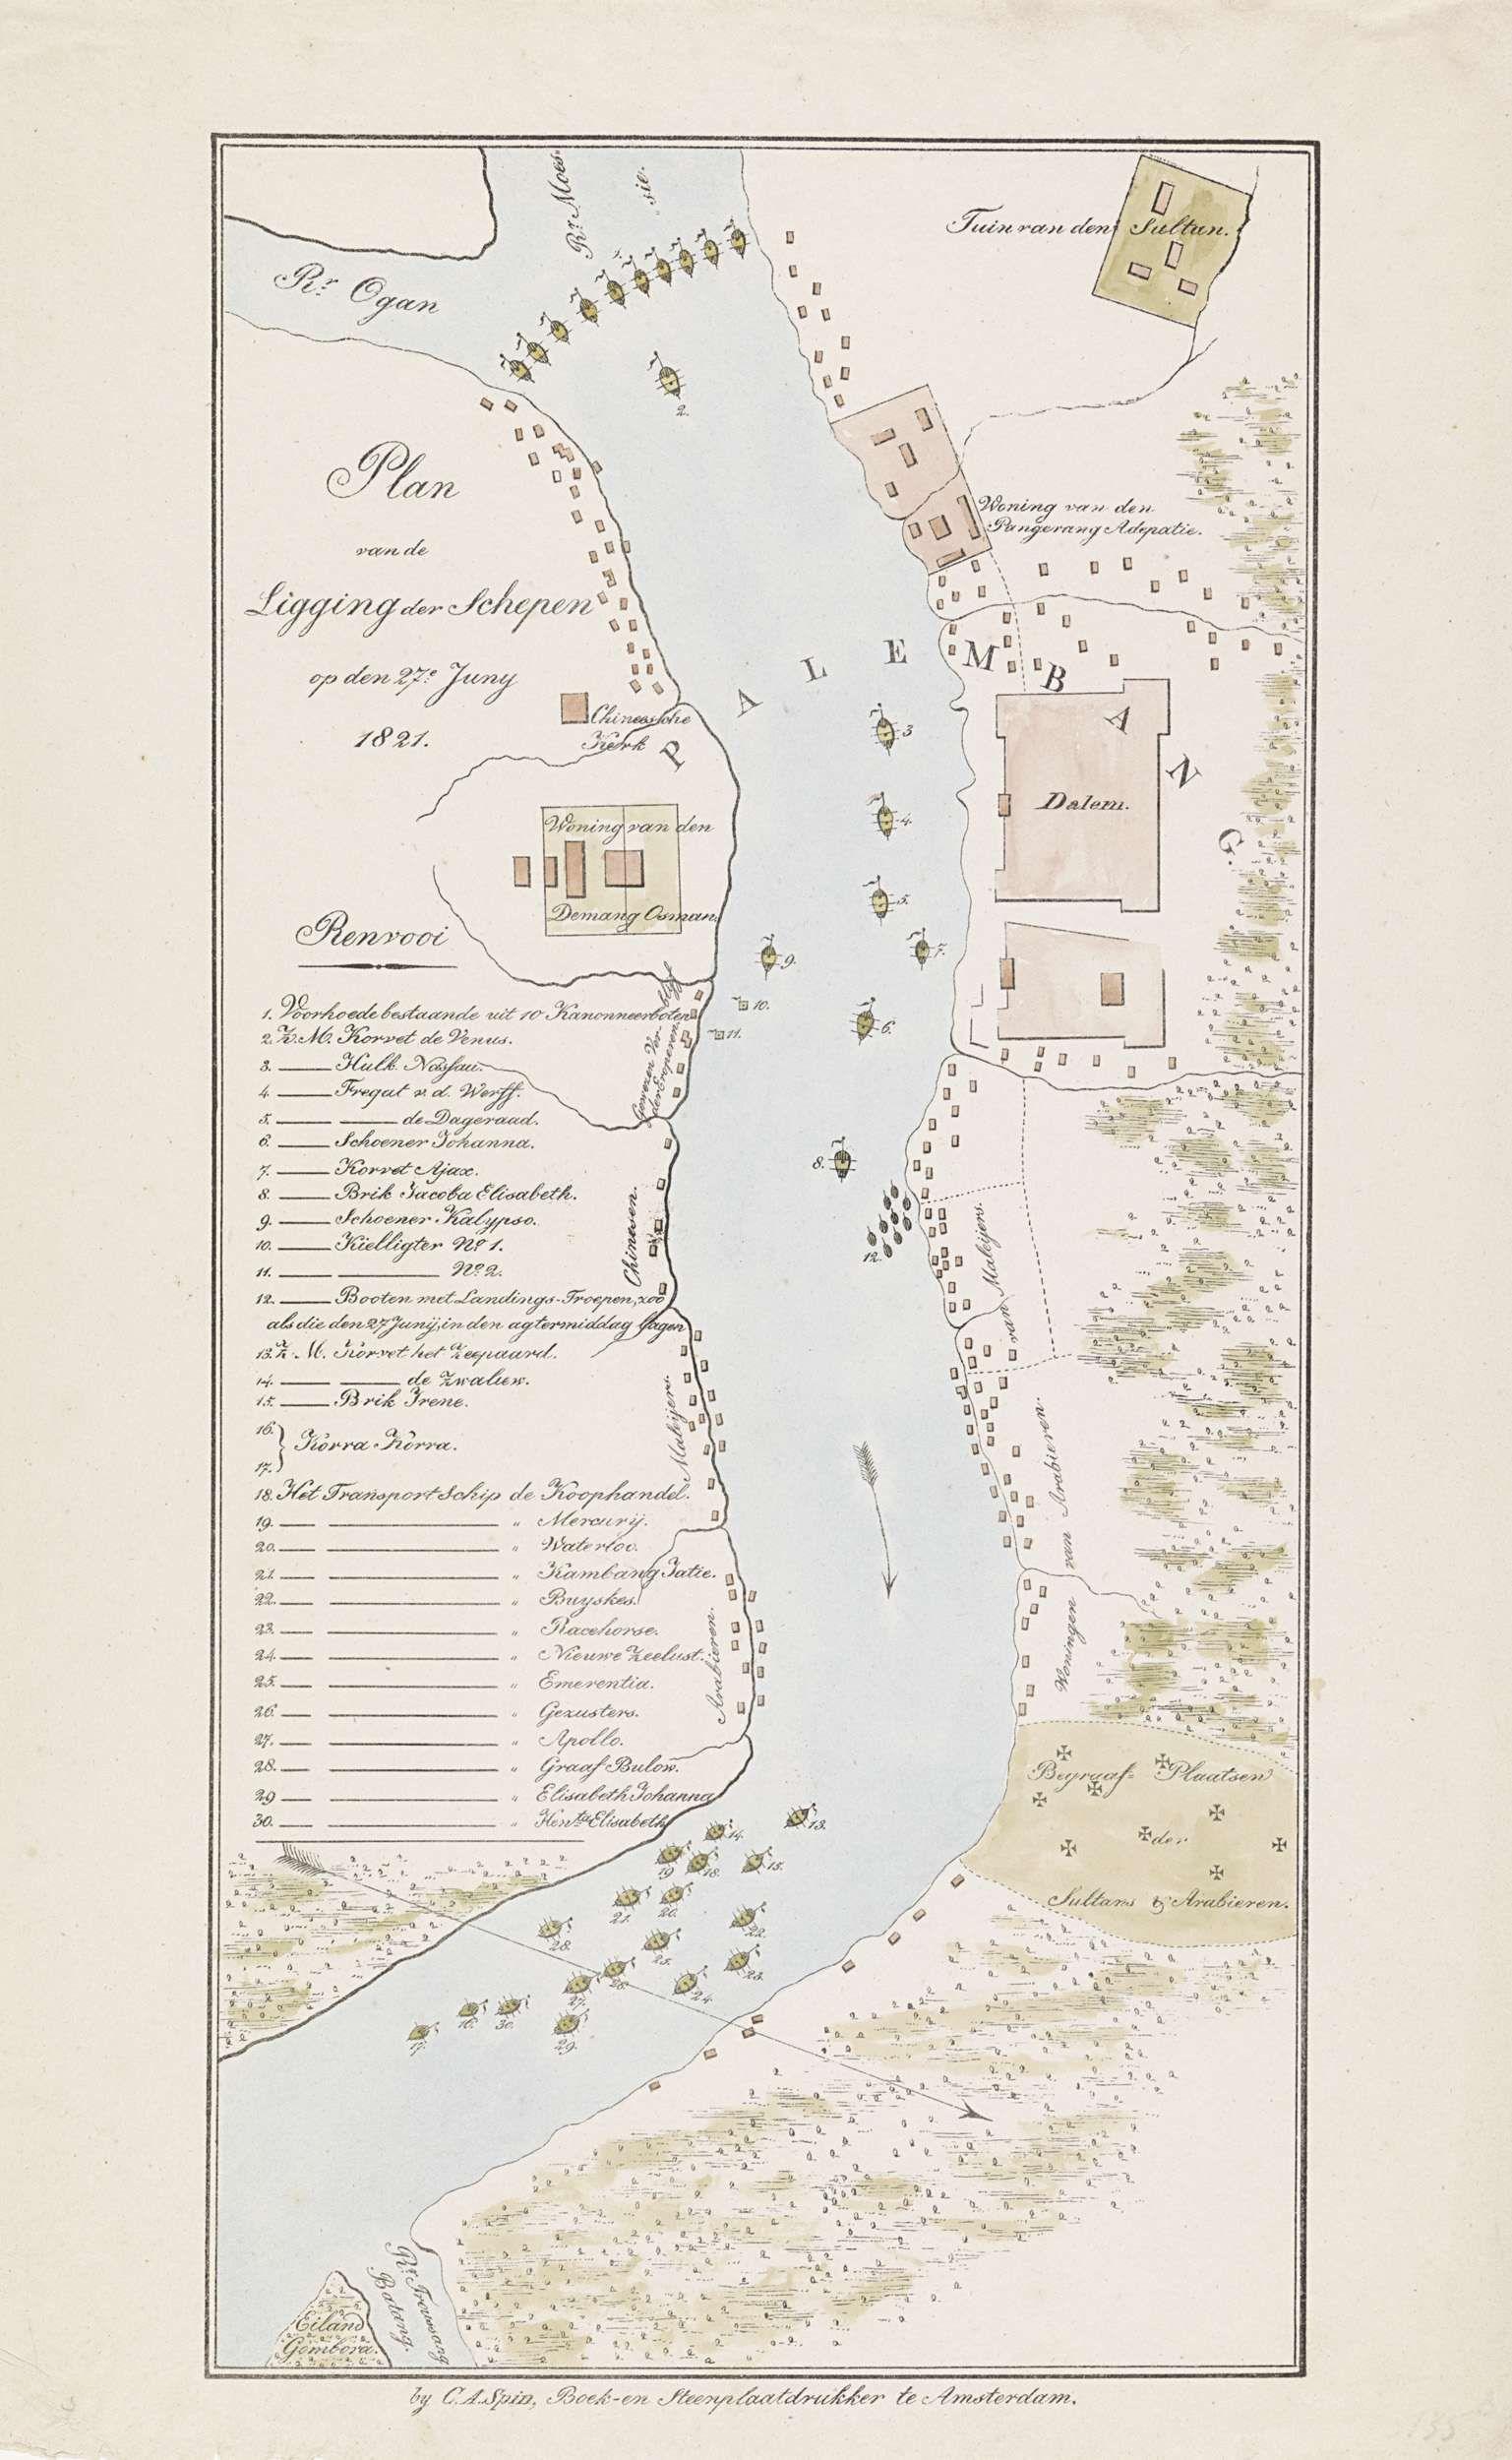 Anonymous   Kaart van de rivier bij Palembang, 1821, Anonymous, C.A. Spin, 1821   Kaart van de rivier bij Palembang met de ligging van de Nederlandse schepen op 27 juni 1821 tijdens de Tweede expeditie naar Palembang op Sumatra. Links de legenda 1-30. Zie ook de pendant.